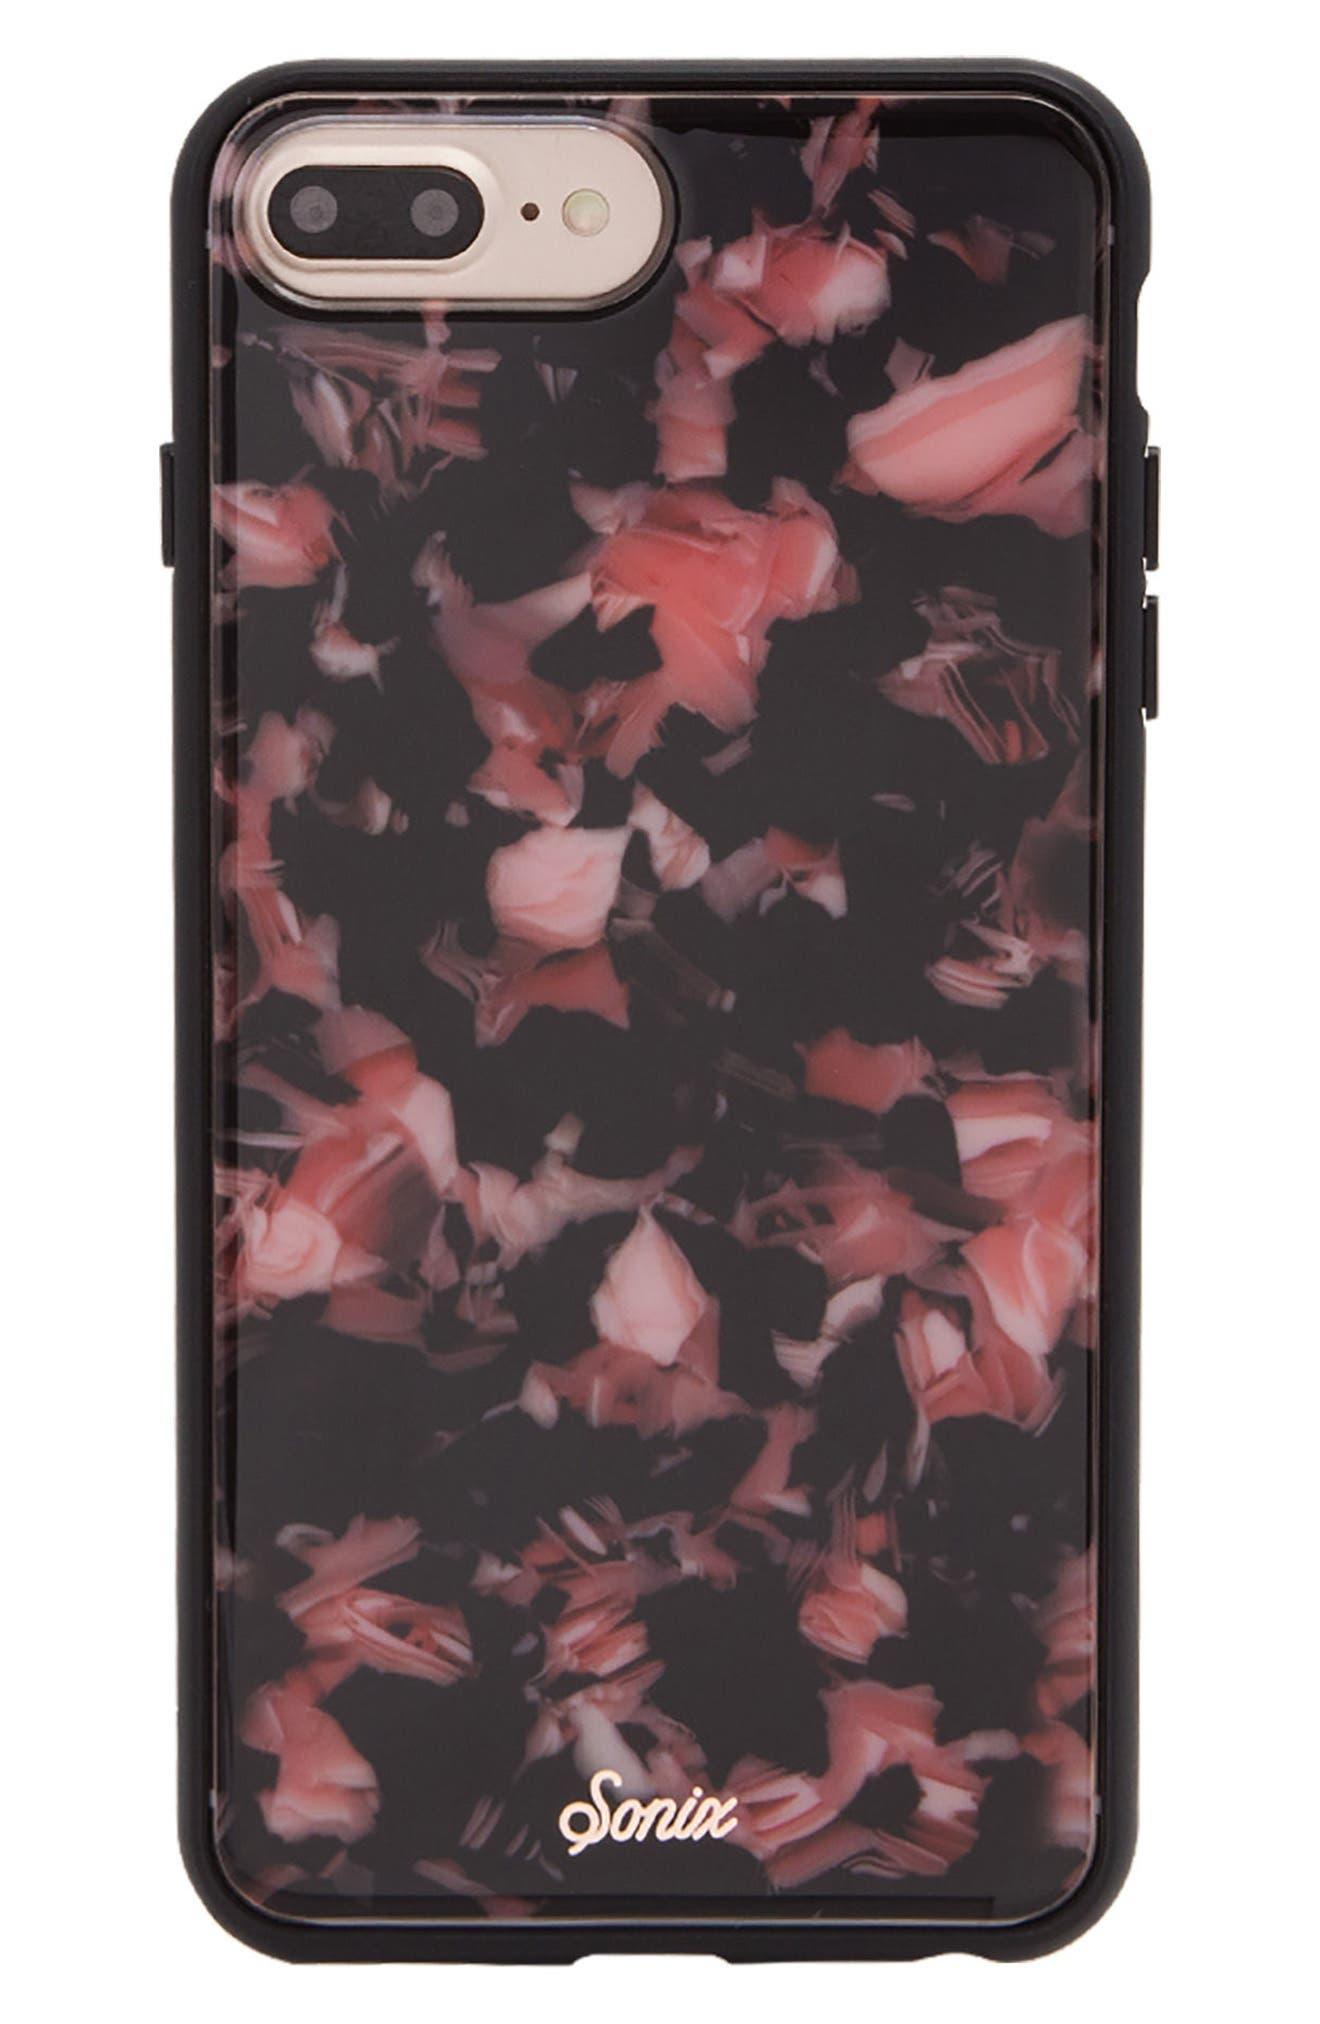 iphone 7 phone cases gadget